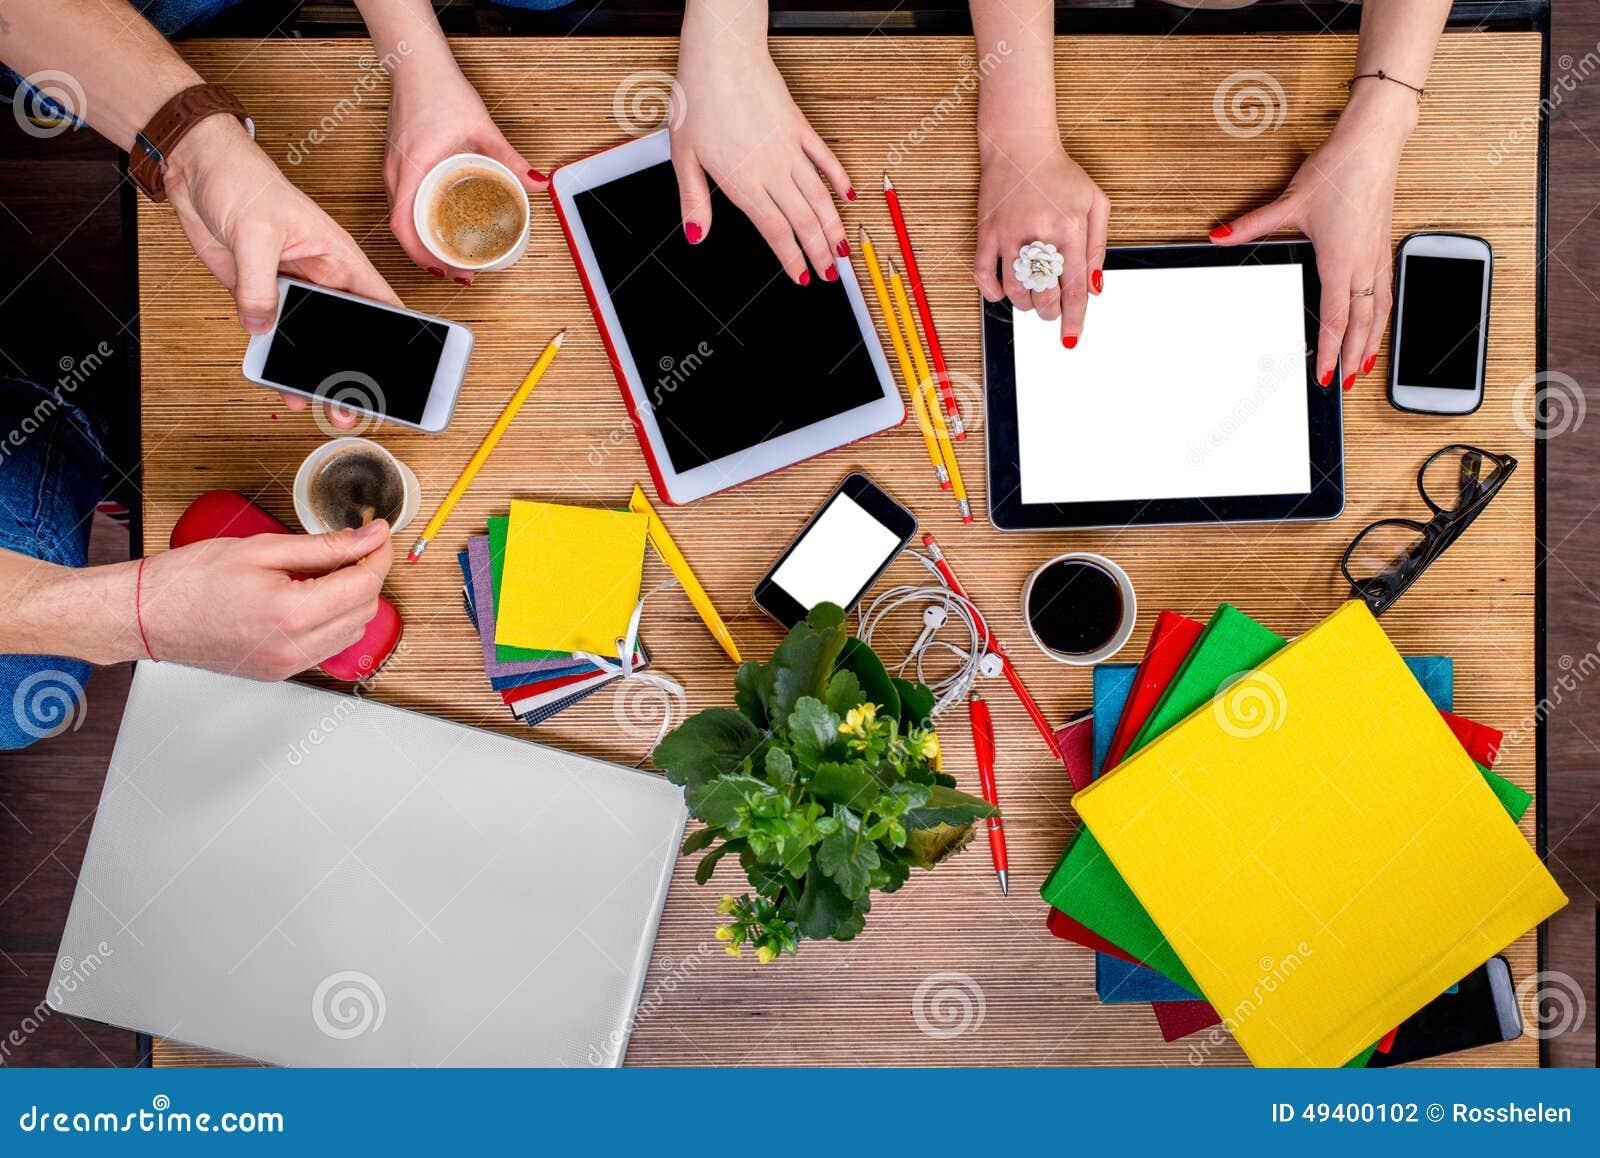 Download Arbeiten An Tabelle Mit Geräten Stockfoto - Bild von informationen, flowerpot: 49400102